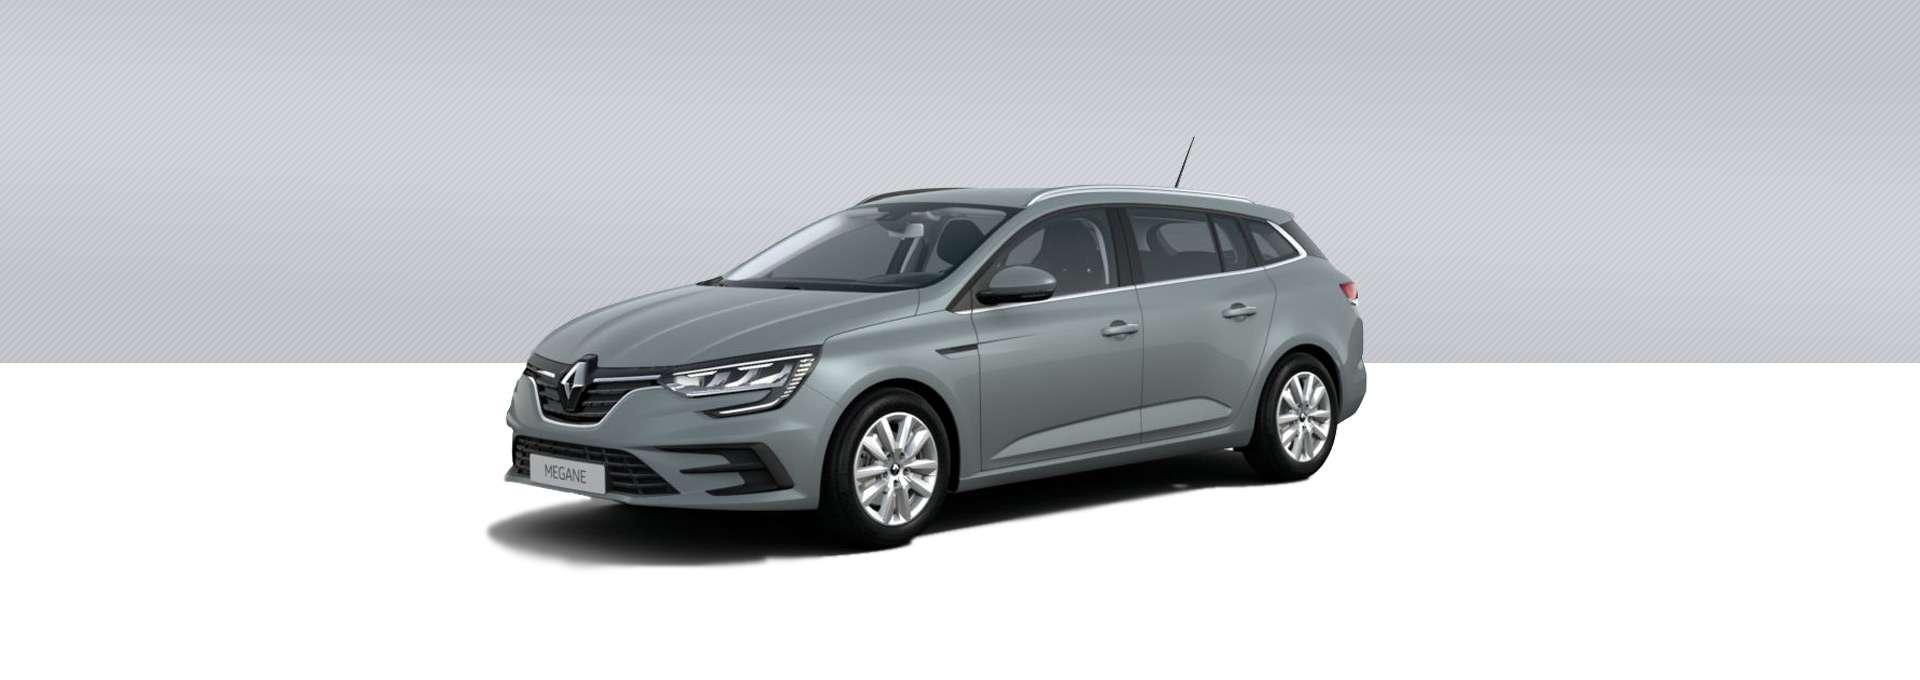 Renault NUEVO MEGANE SPORT TOURER